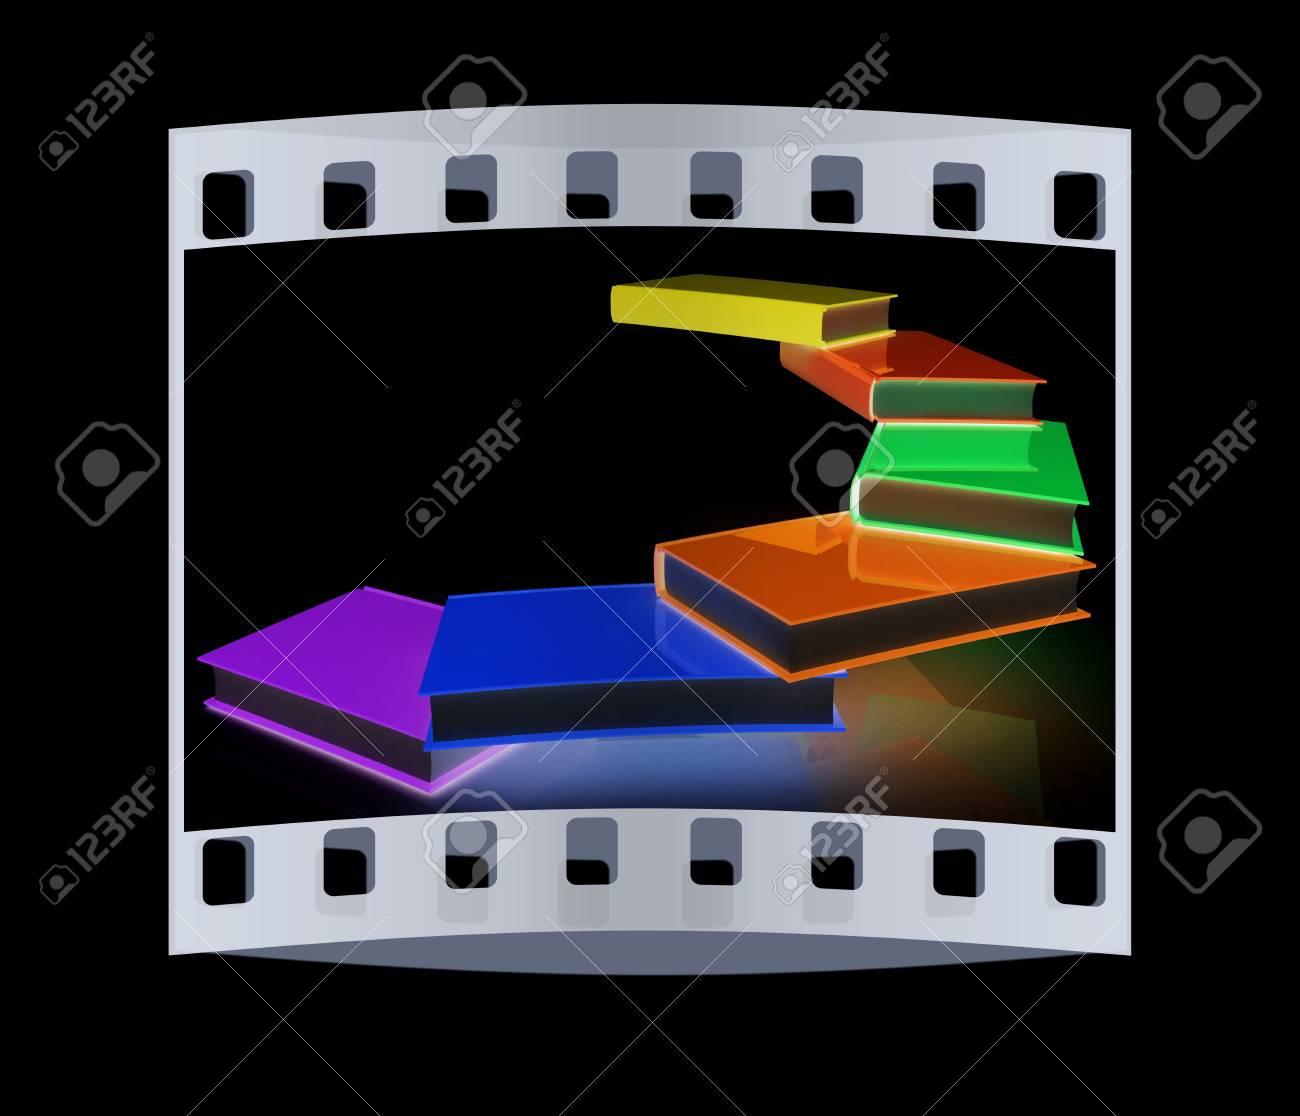 Libros Verdaderos Colores Sobre Un Fondo Negro. La Tira De Película ...